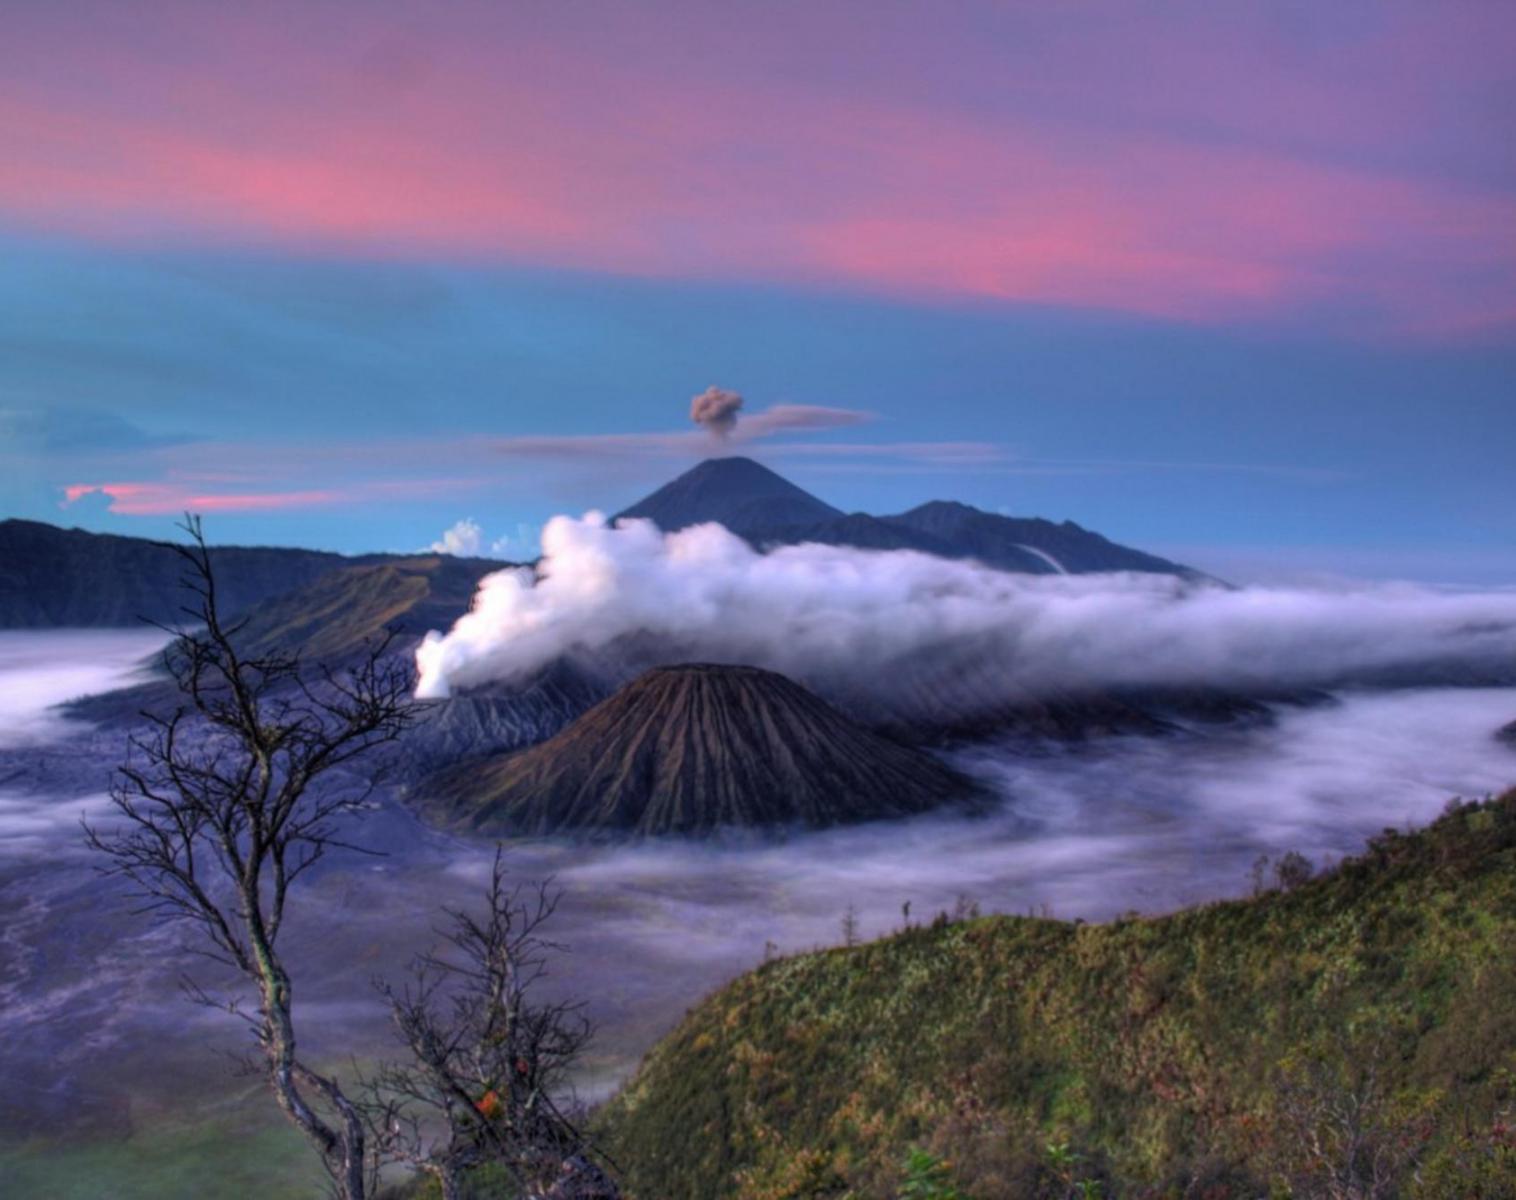 Indonésie  De Java à Bali : Entre rizières, mers et volcans   Découverte Balade nature Rencontres et cultures du Monde